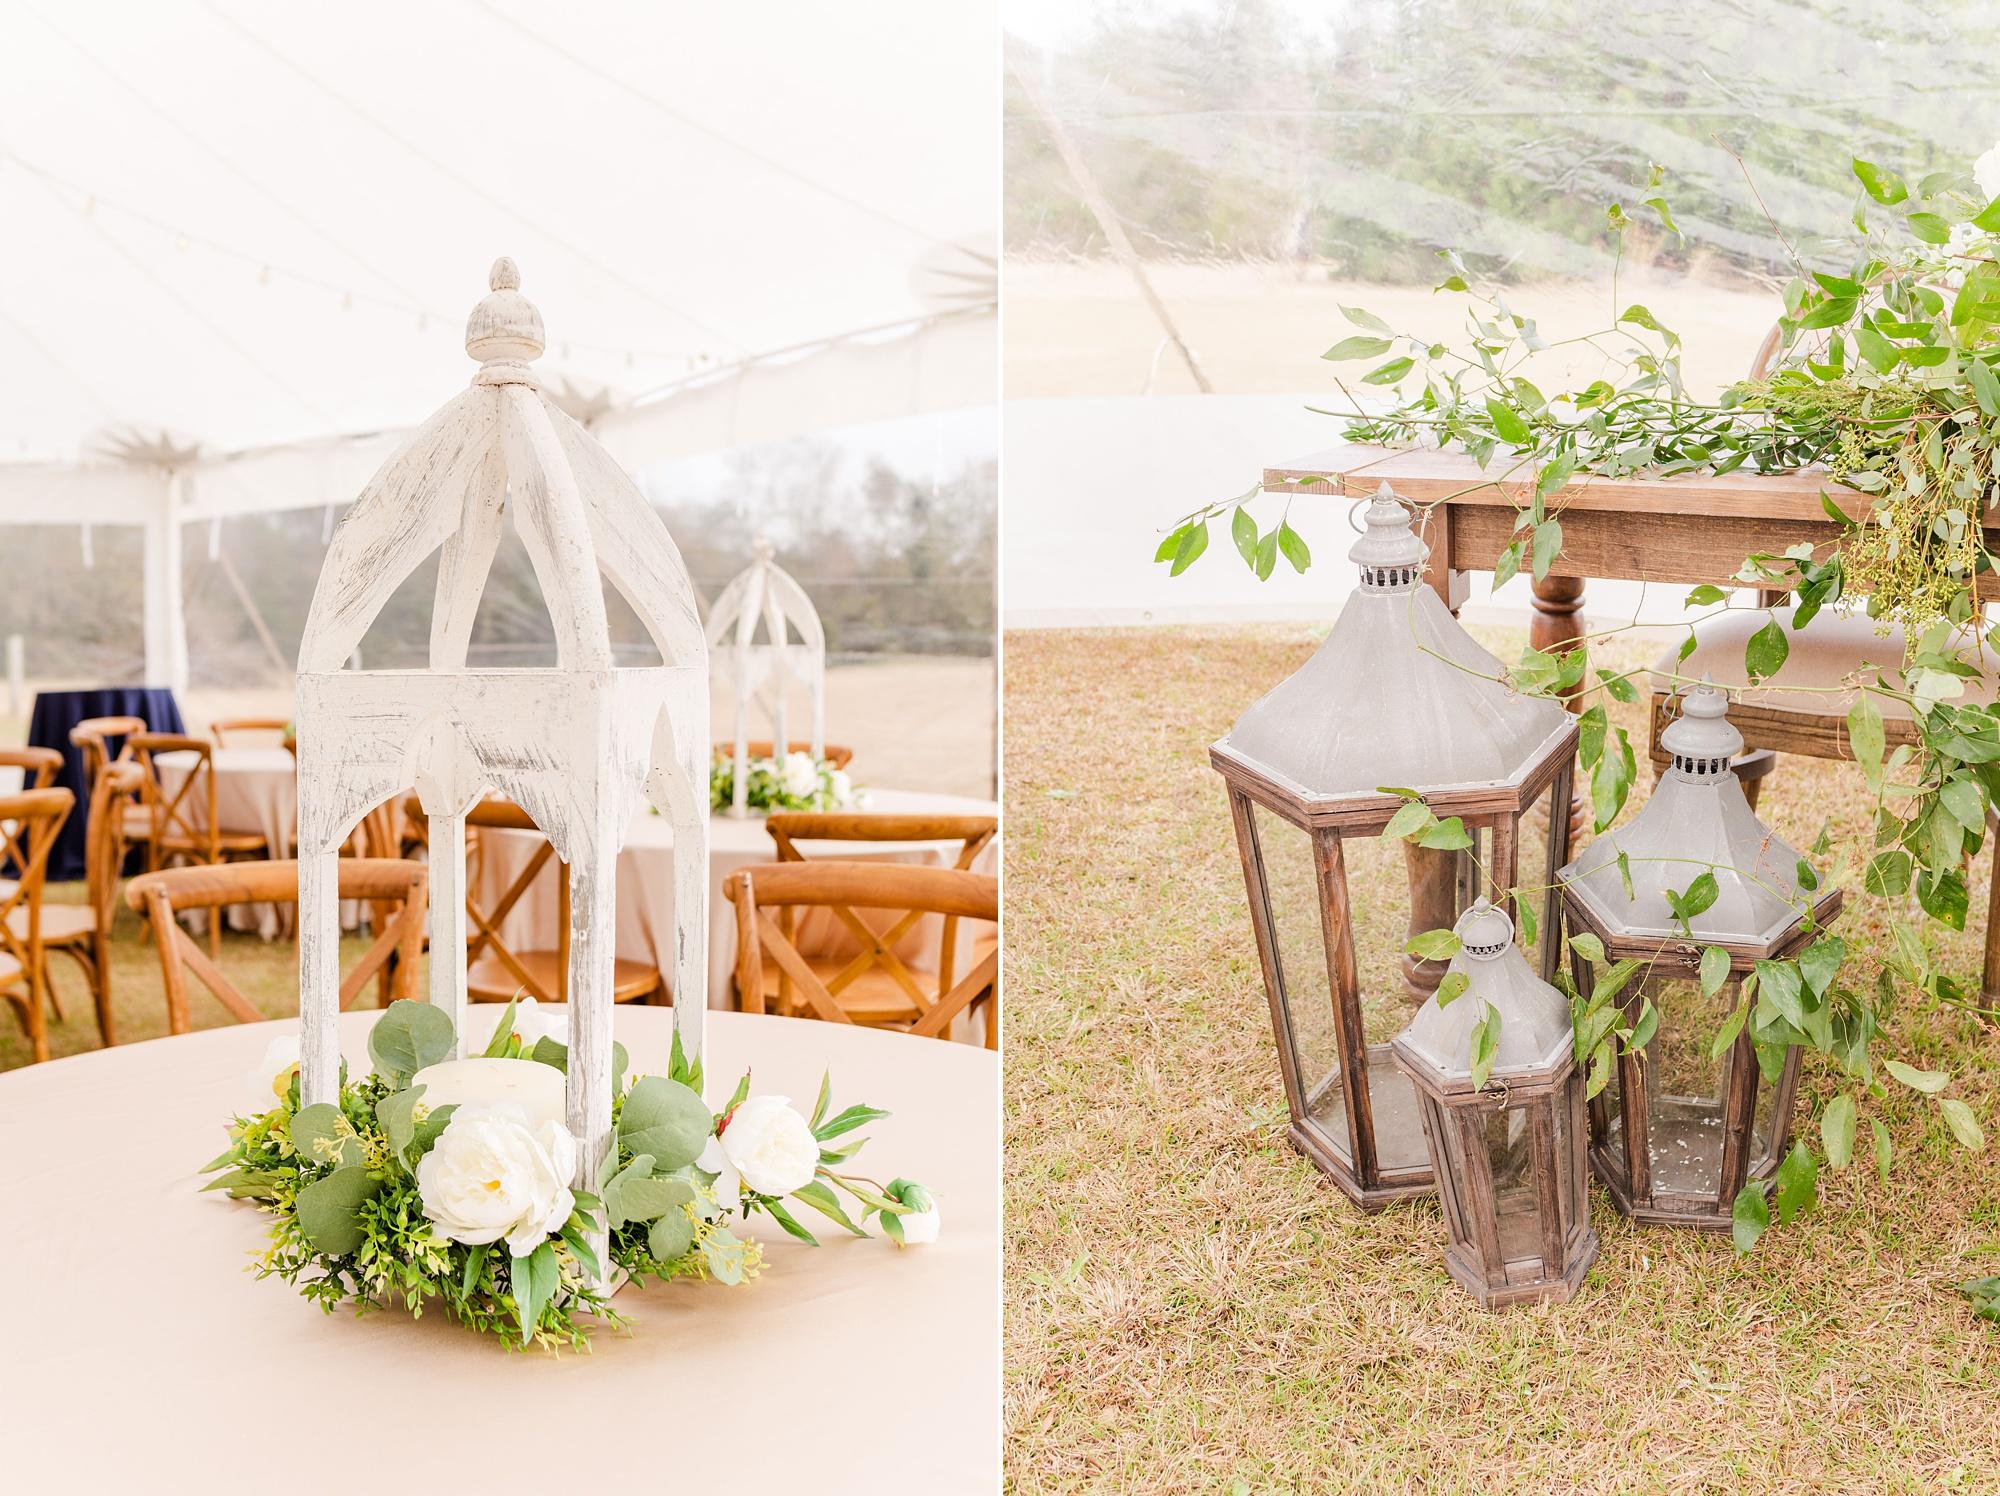 lantern decor for outdoor wedding reception